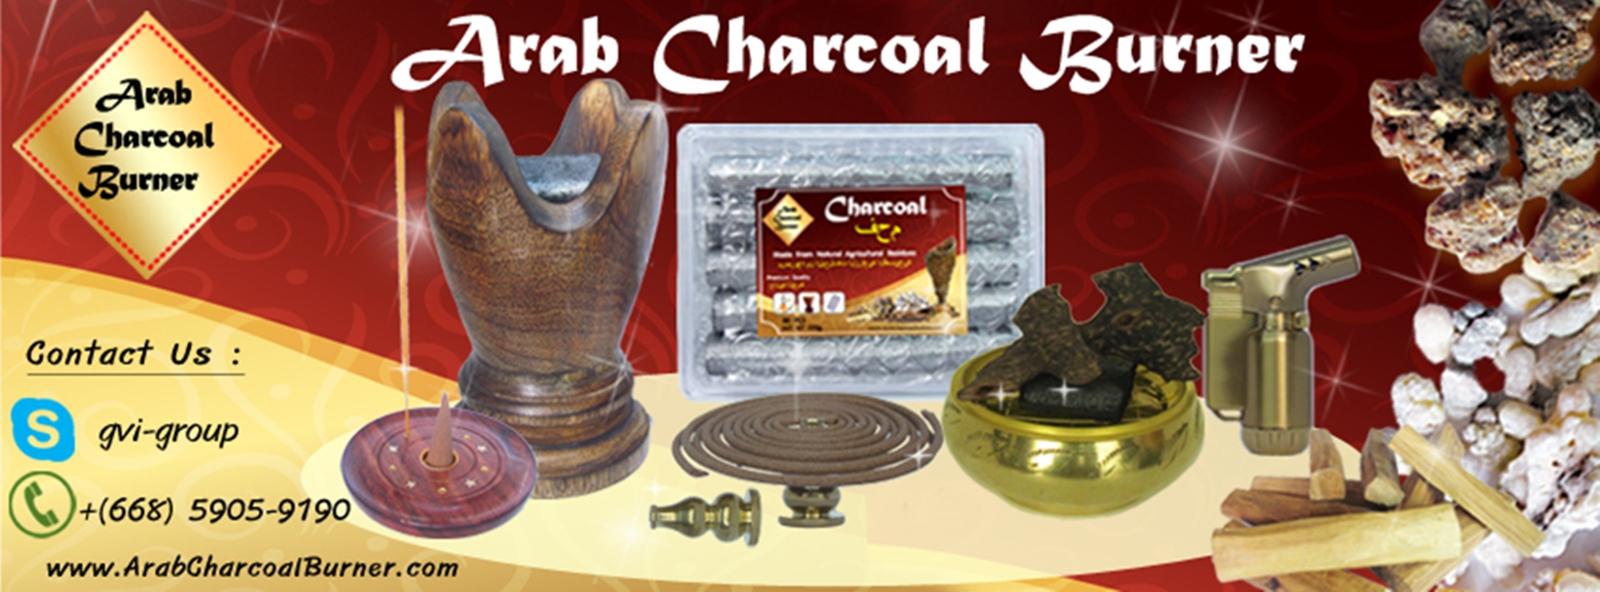 ArabCharcoalBurner – Premium Wood & Brass Charcoal Burner, Incense Burner, Incense Holder, Natural Charcoal